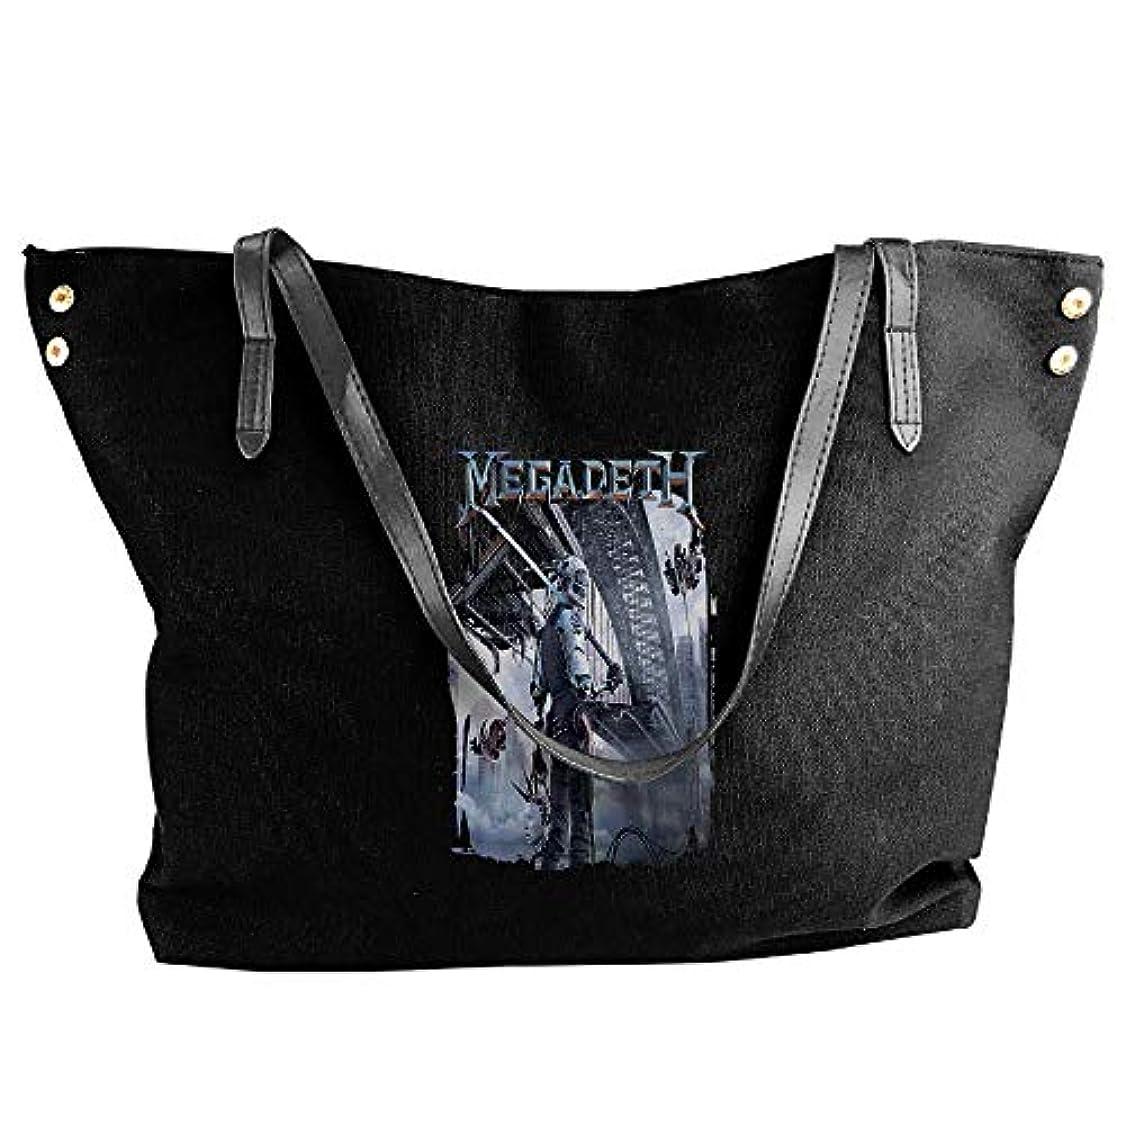 遅らせる週間プロフェッショナル2019最新レディースバッグ ファッション若い女の子ストリートショッピングキャンバスのショルダーバッグ Megadeth 人気のバッグ 大容量 リュック